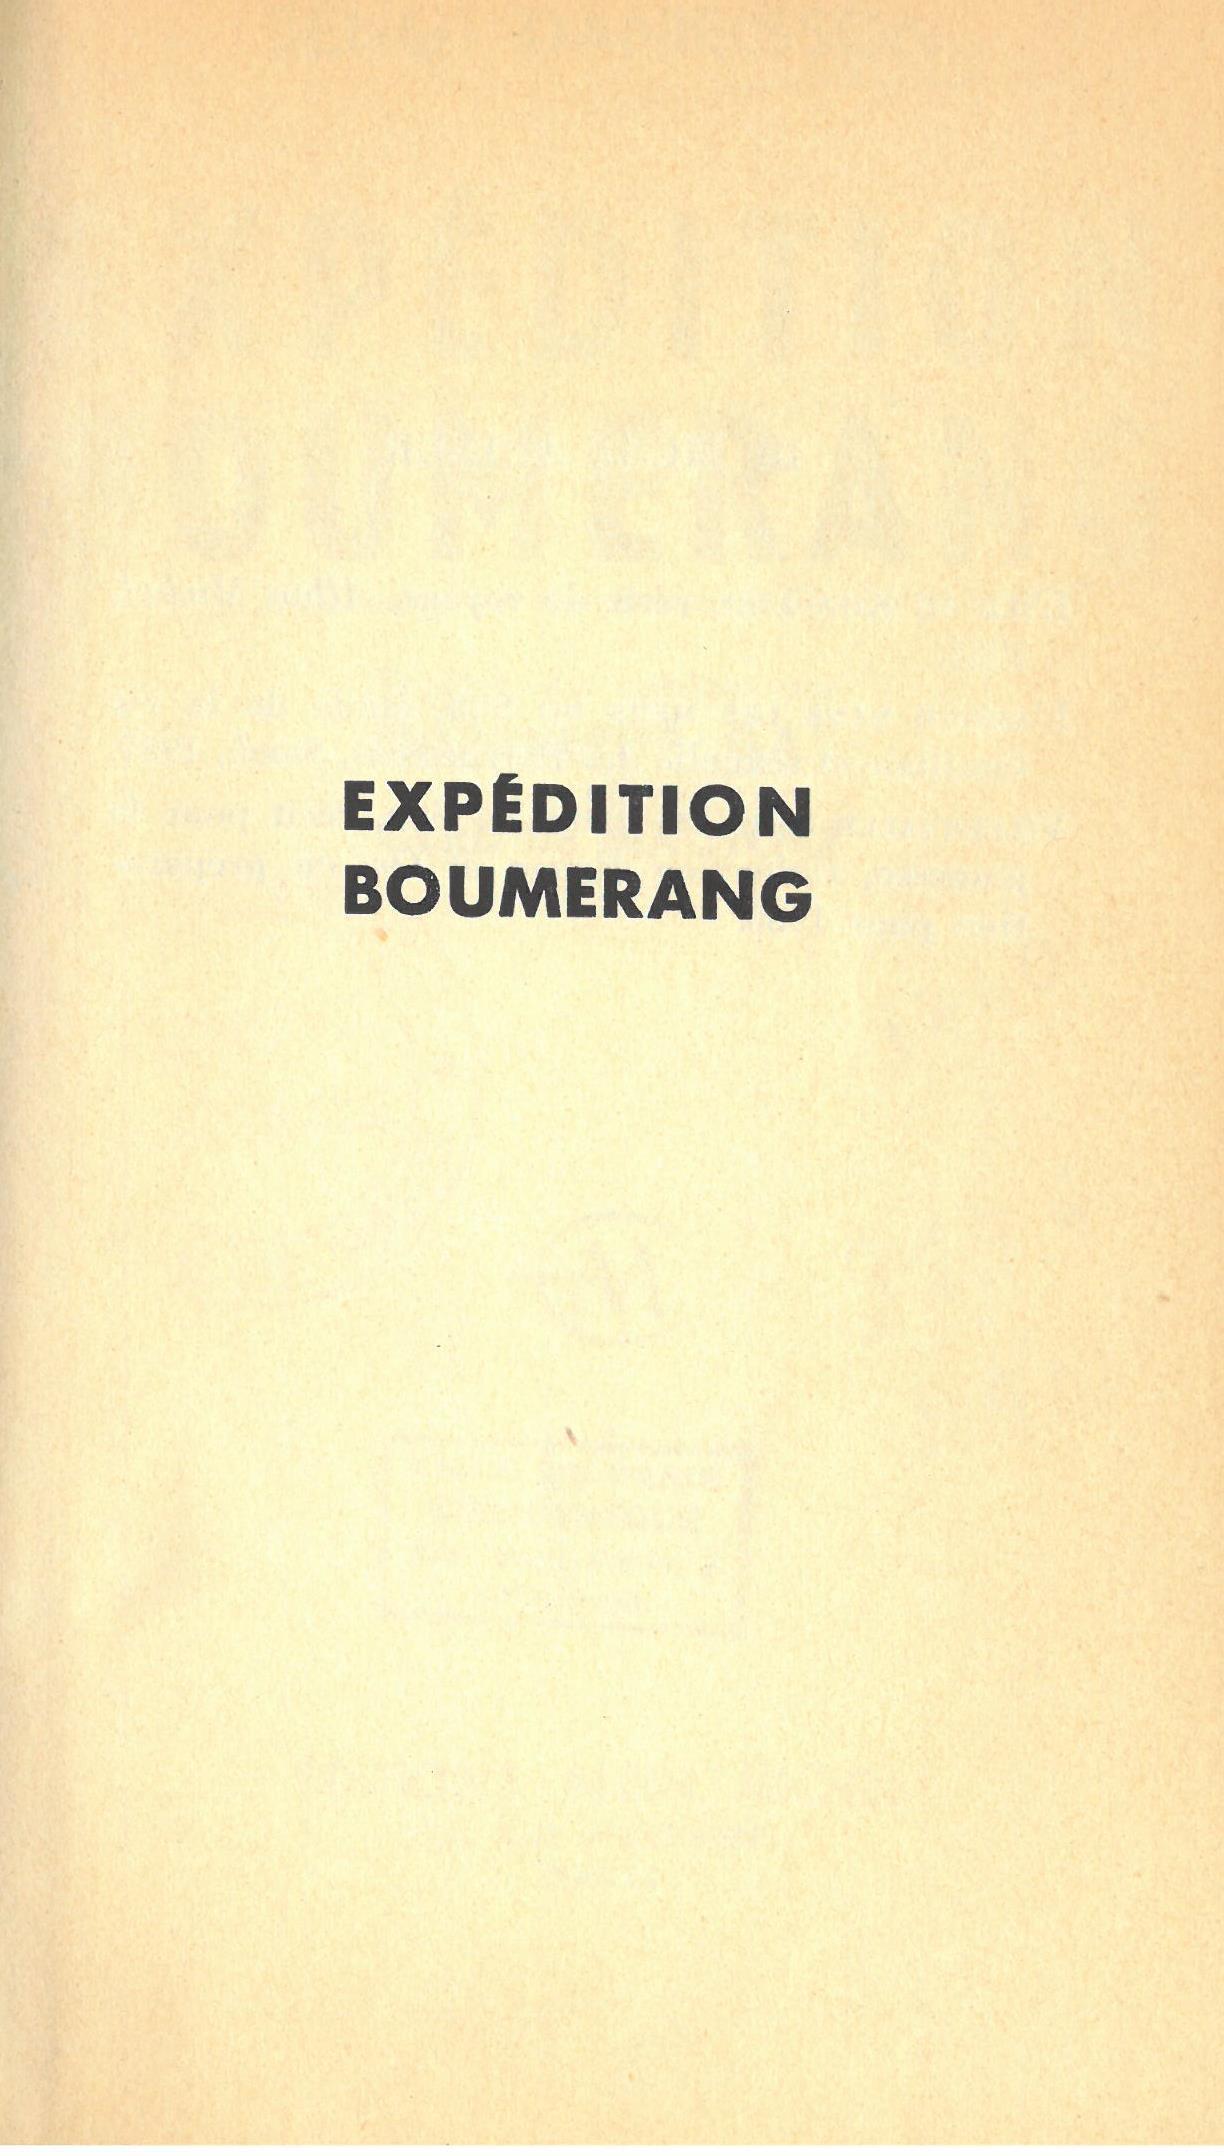 Expédition boumerang   Bengt Danielsson